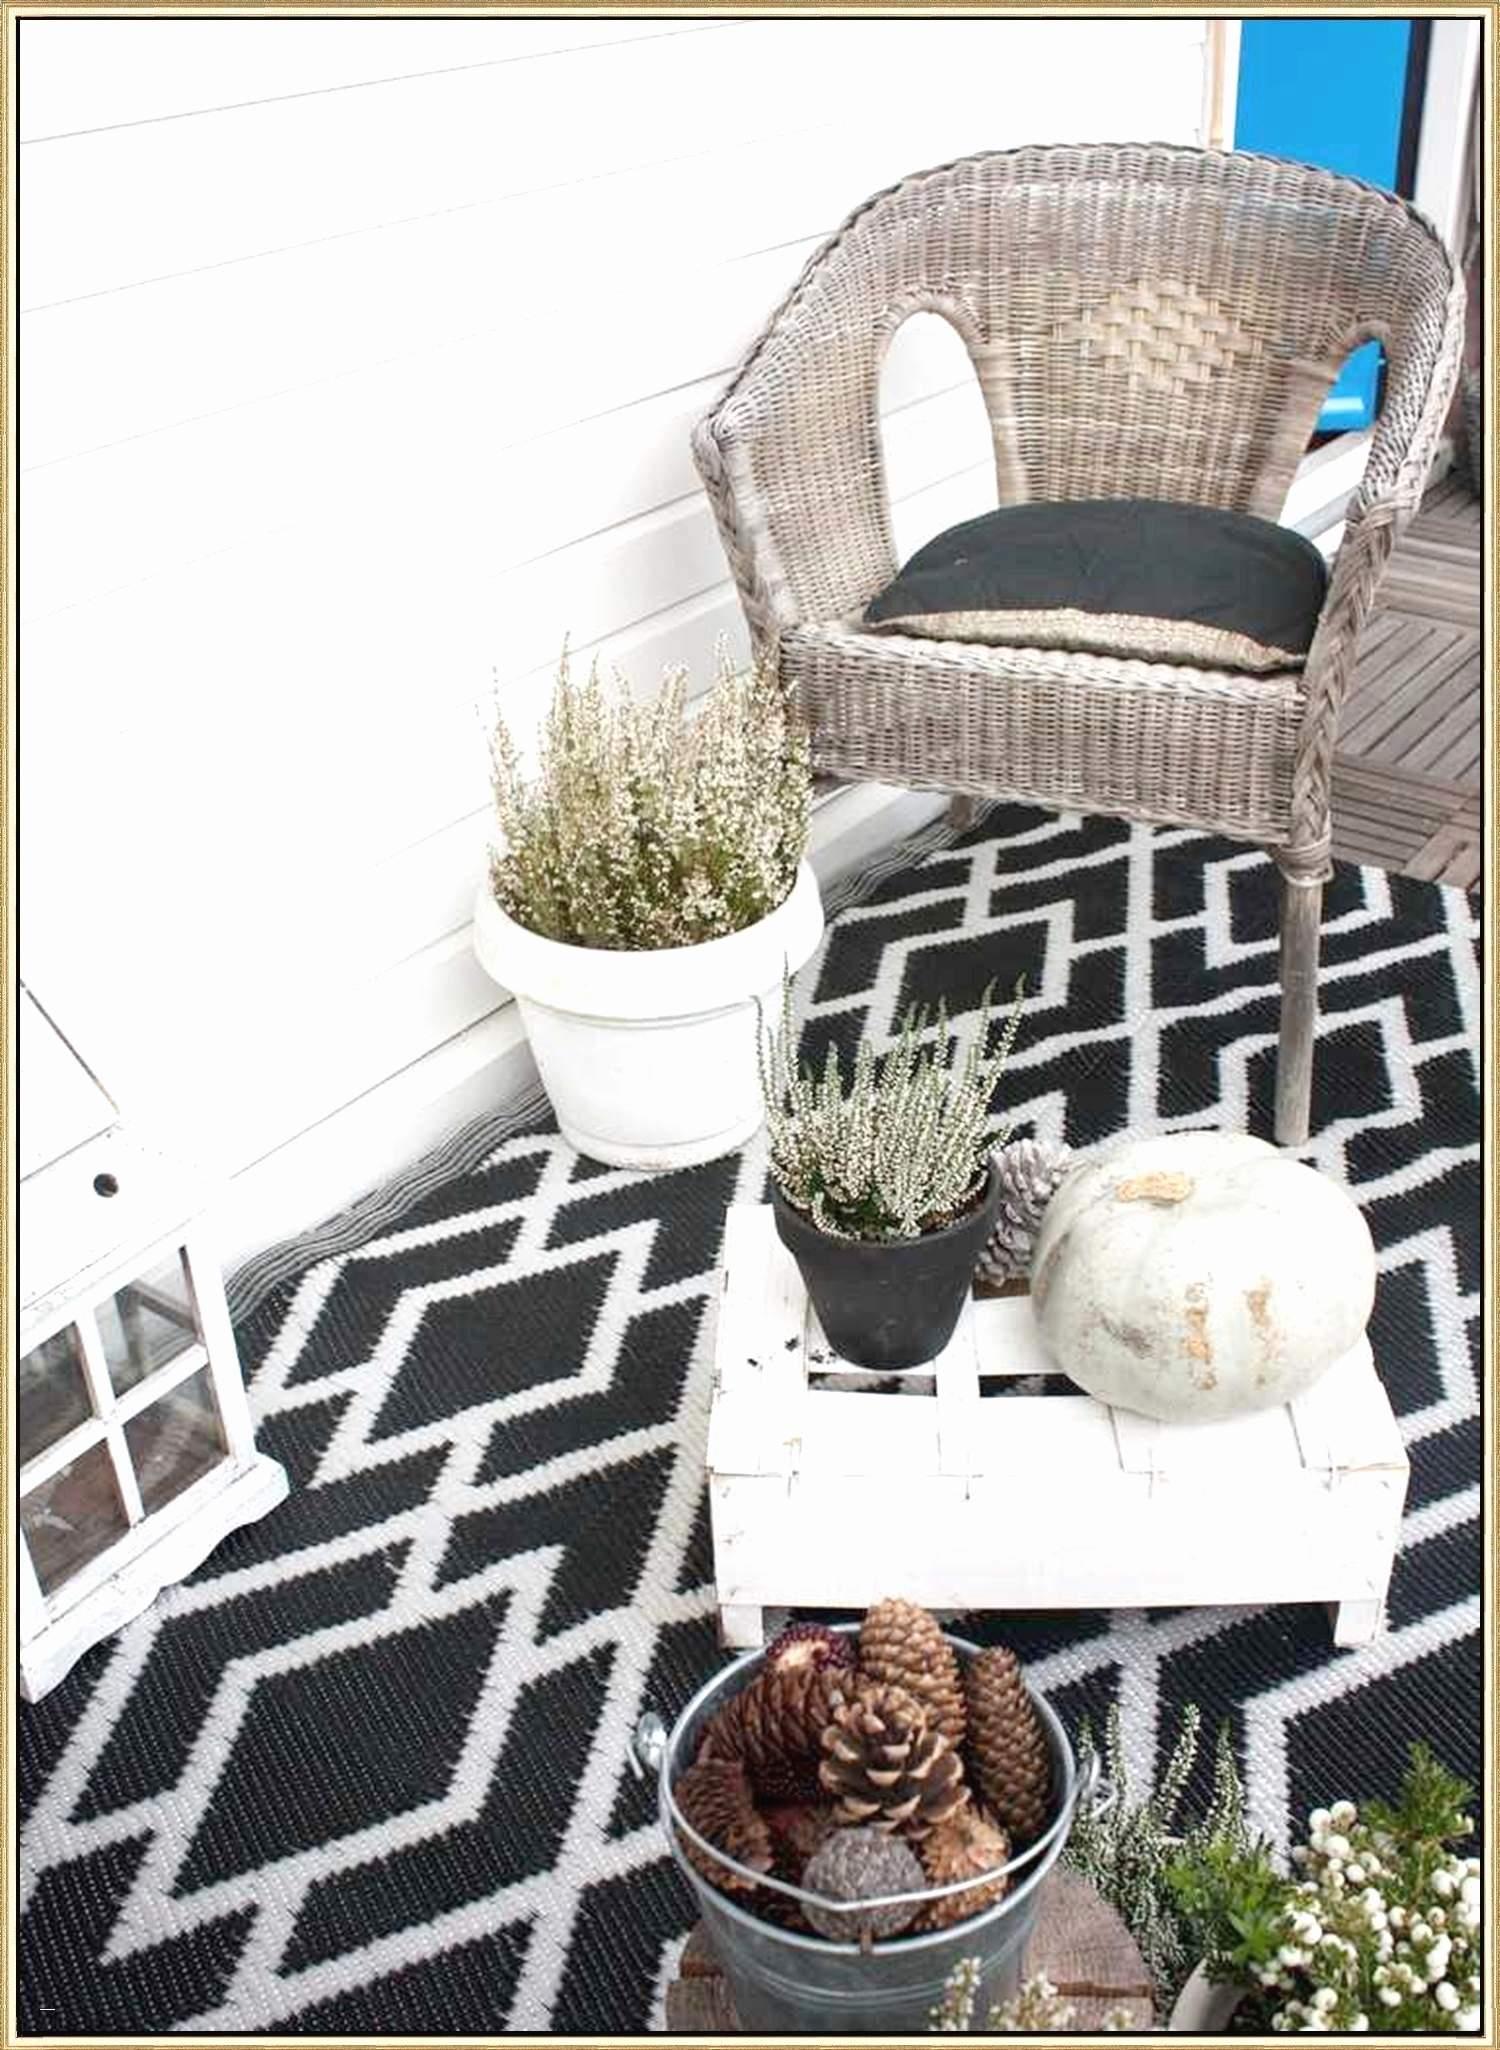 kunstrasen fur den garten luxus balkon teppich ideen of kunstrasen fur den garten